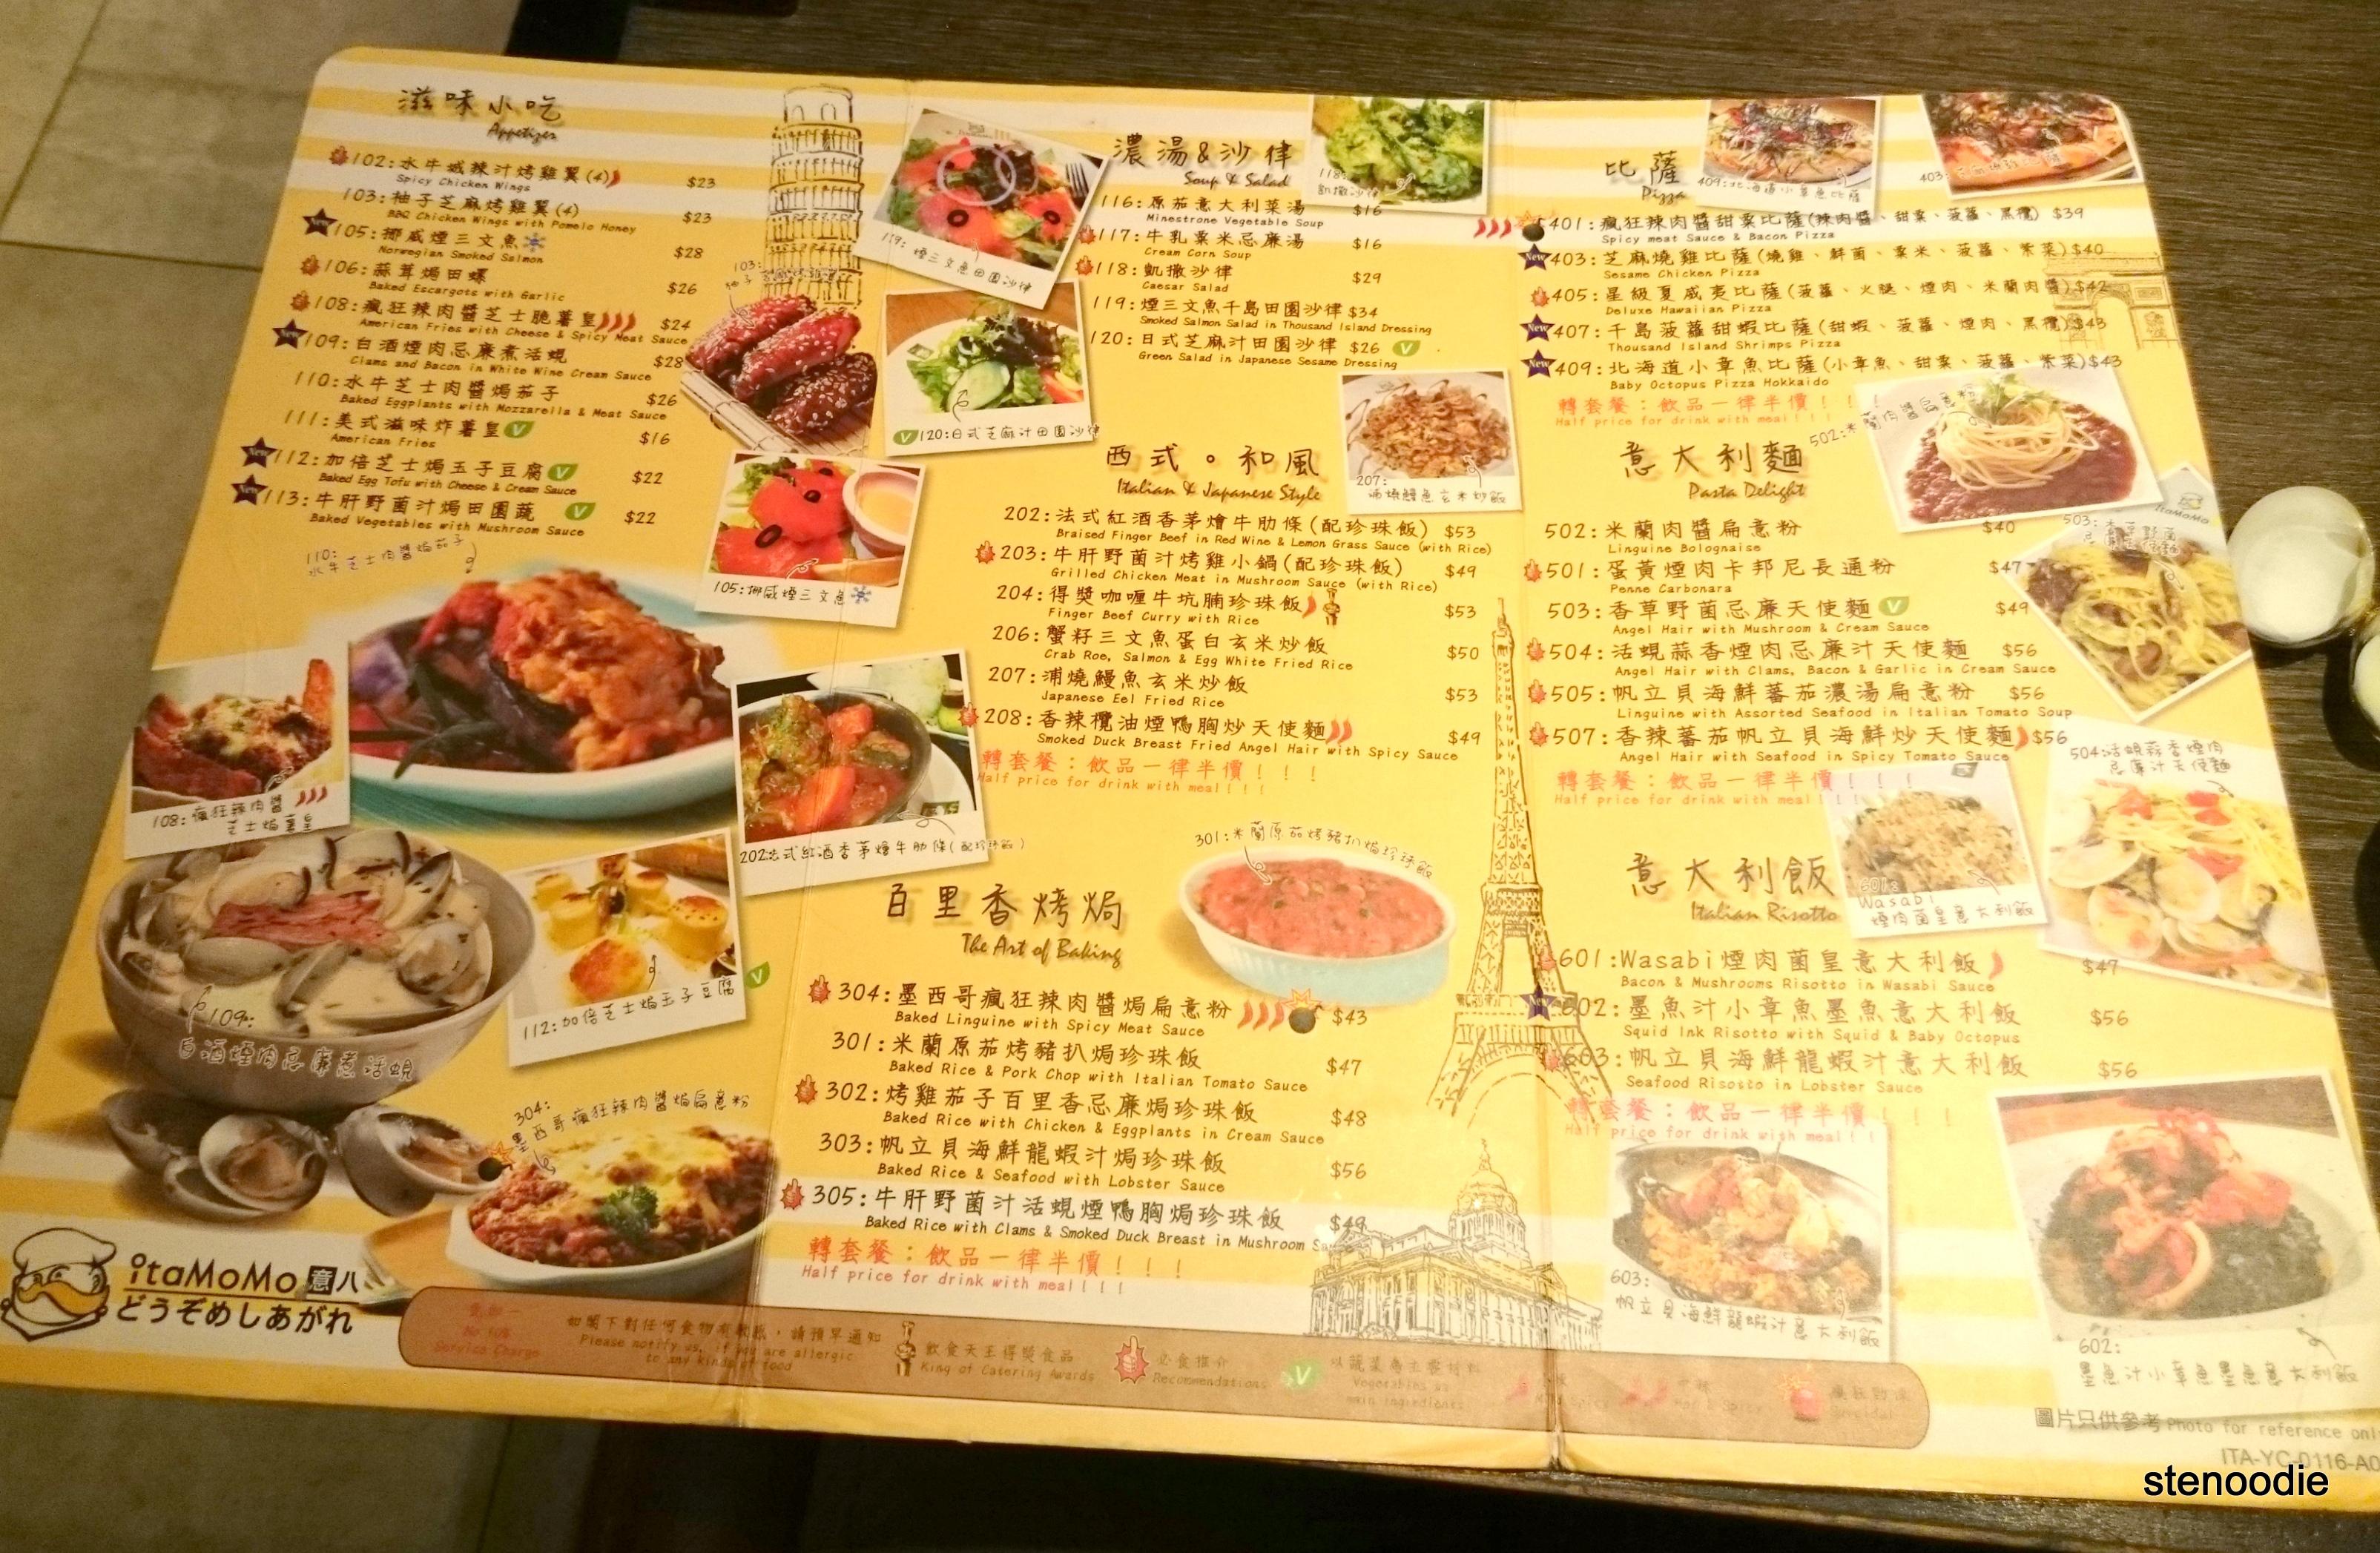 itaMoMo regular menu